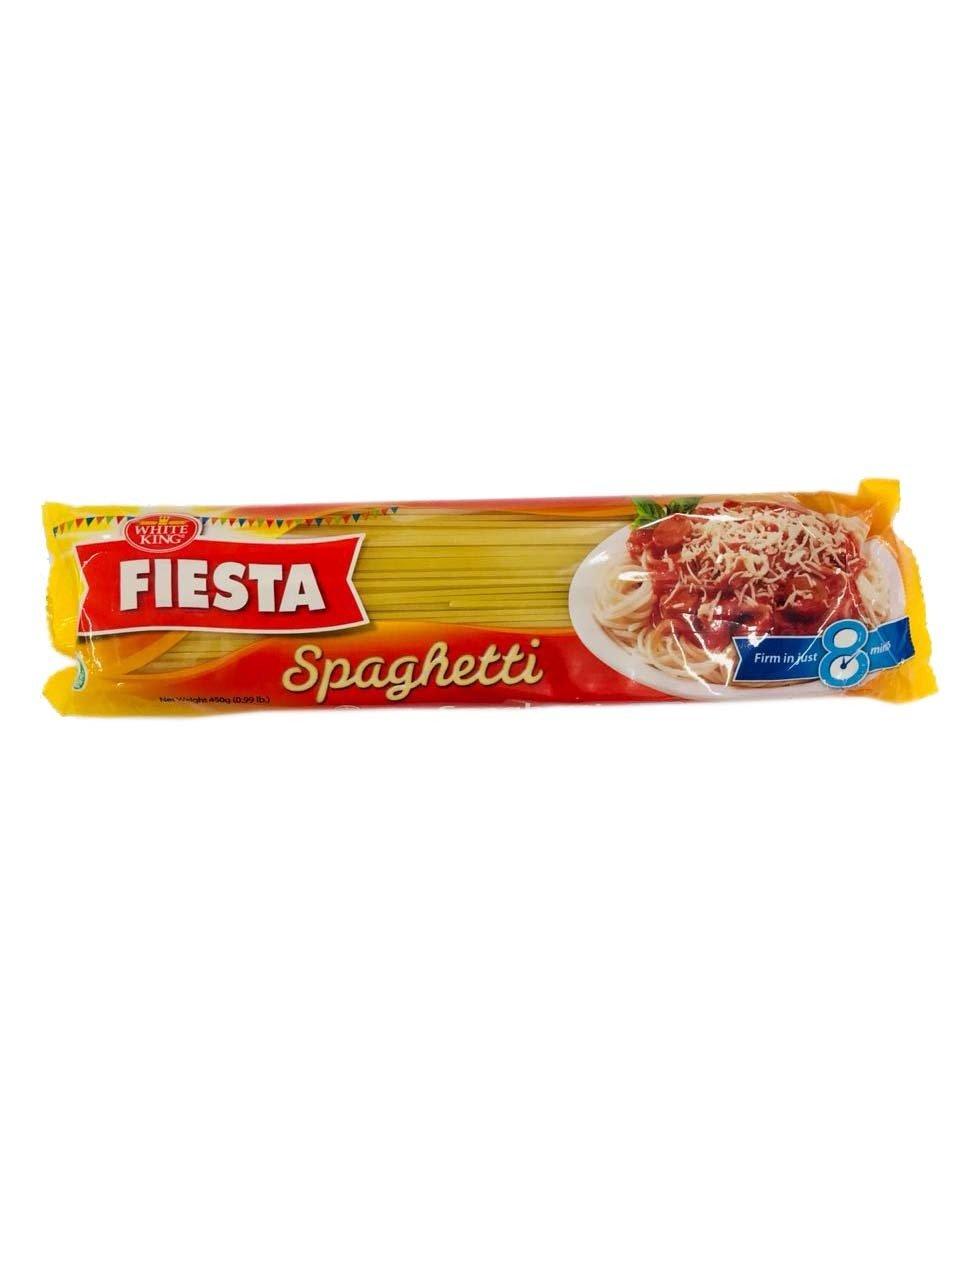 White King Fiesta Spaghetti Sticks 450g